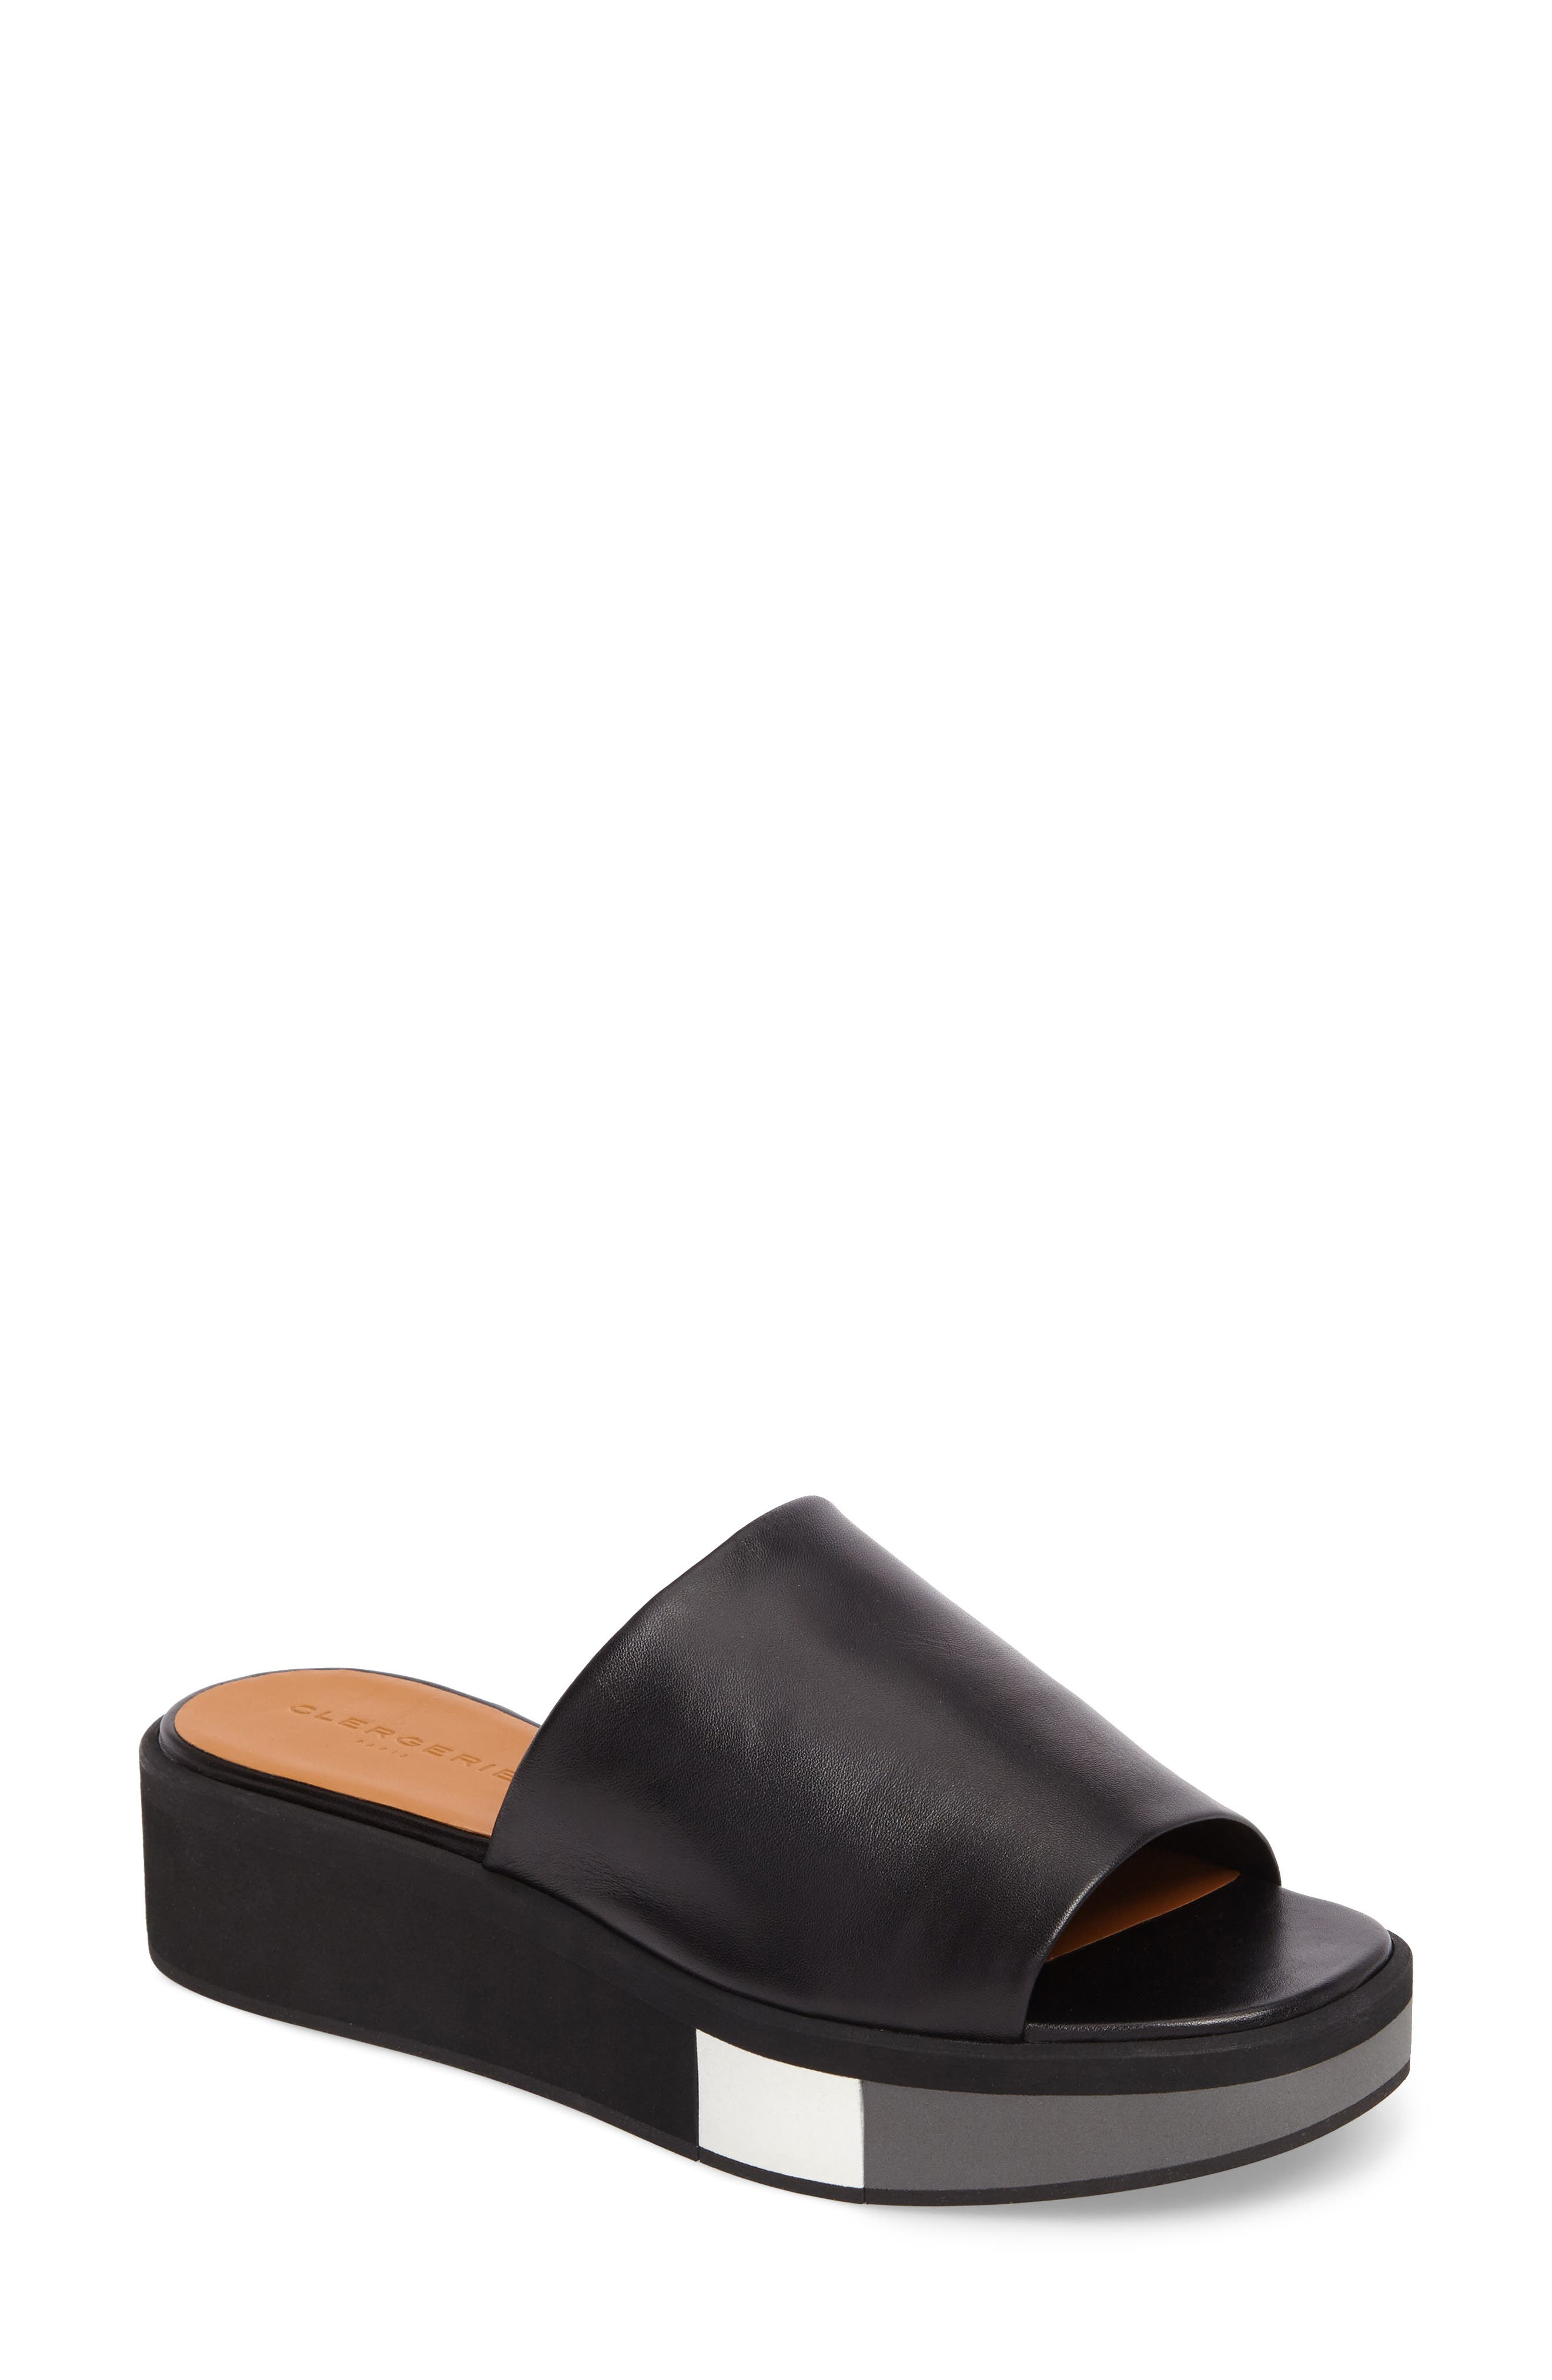 Quenor Platform Sandal,                             Main thumbnail 1, color,                             004